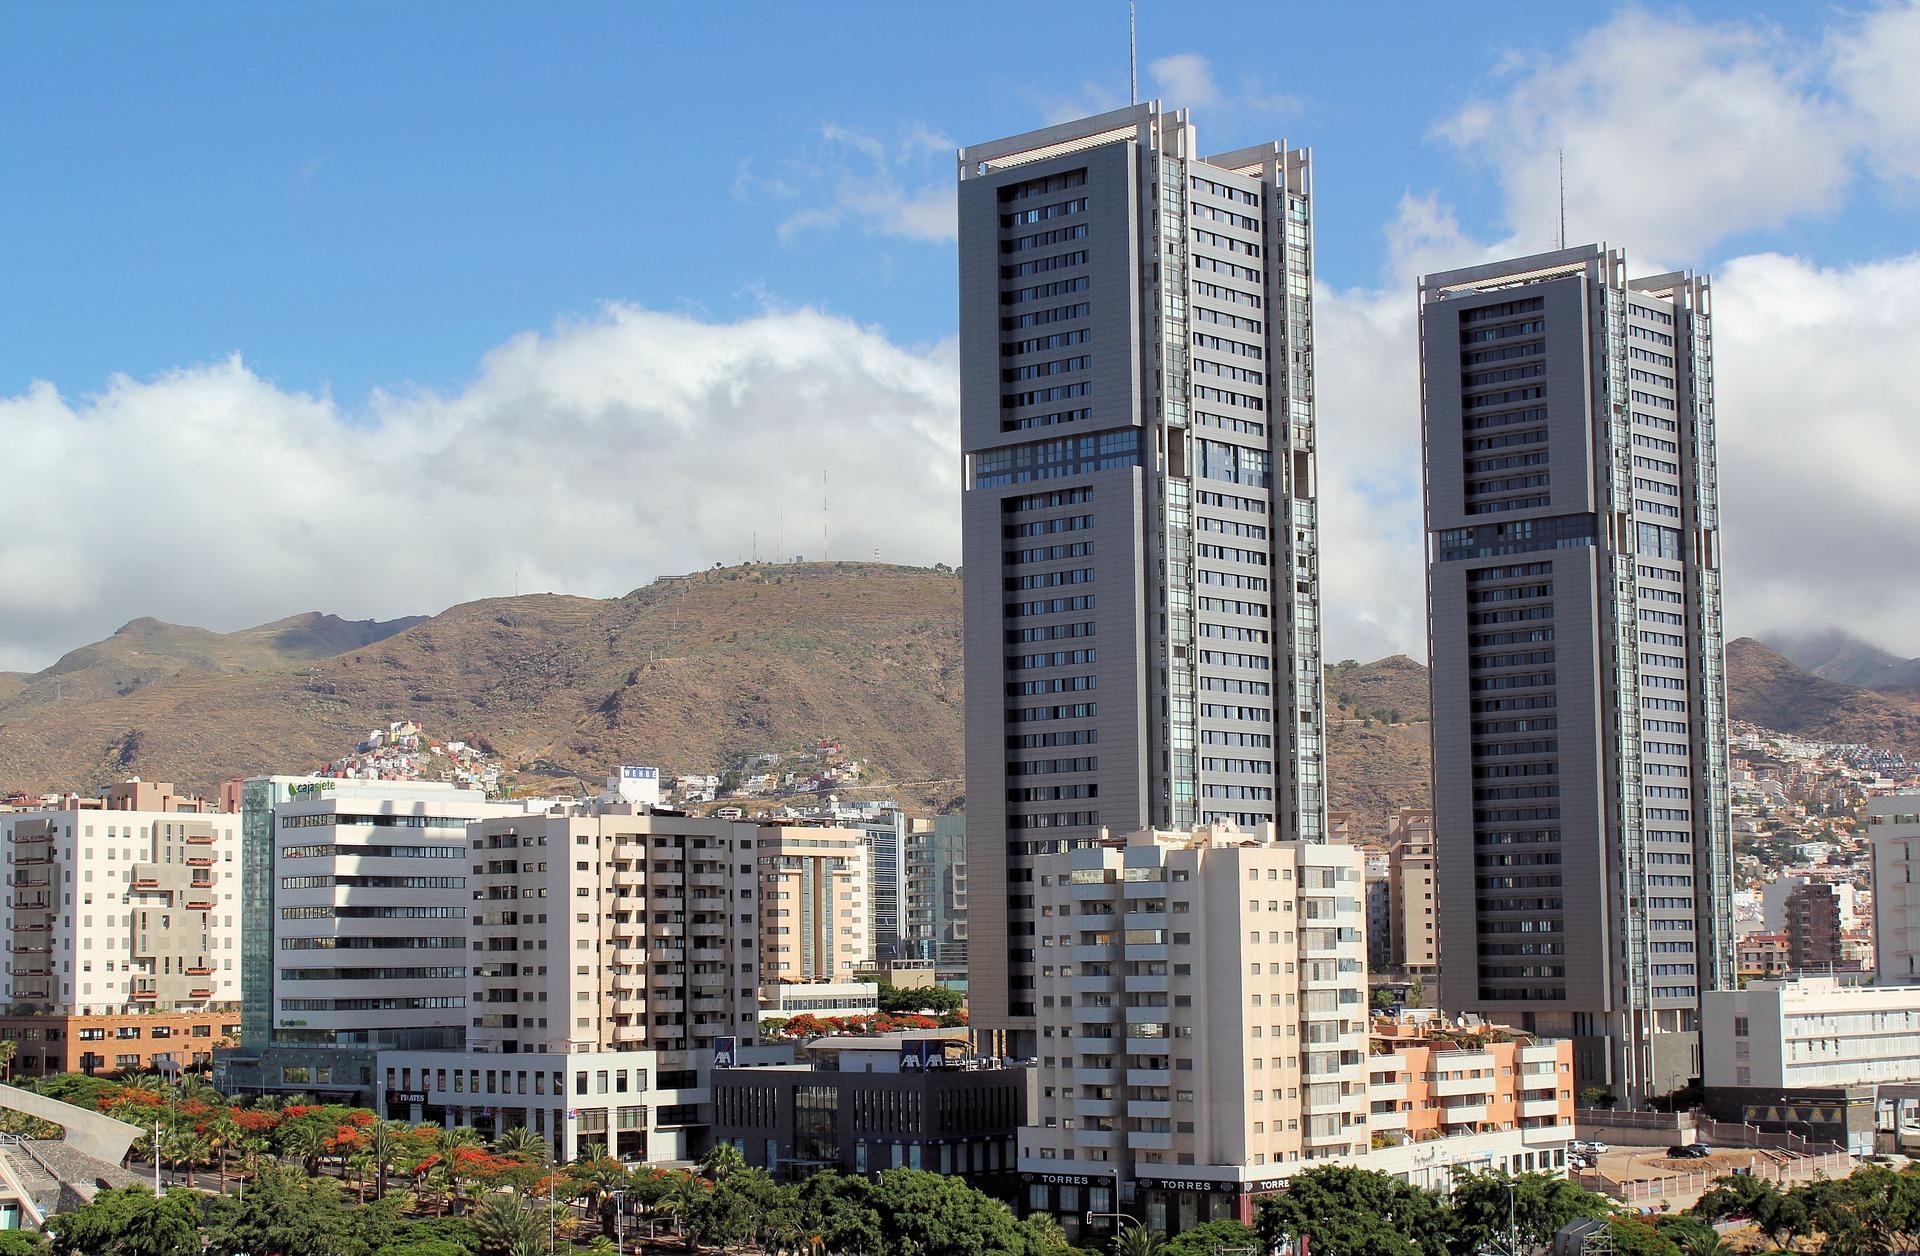 Tenerife sin riesgo de incendios en vacaciones - Drexmin